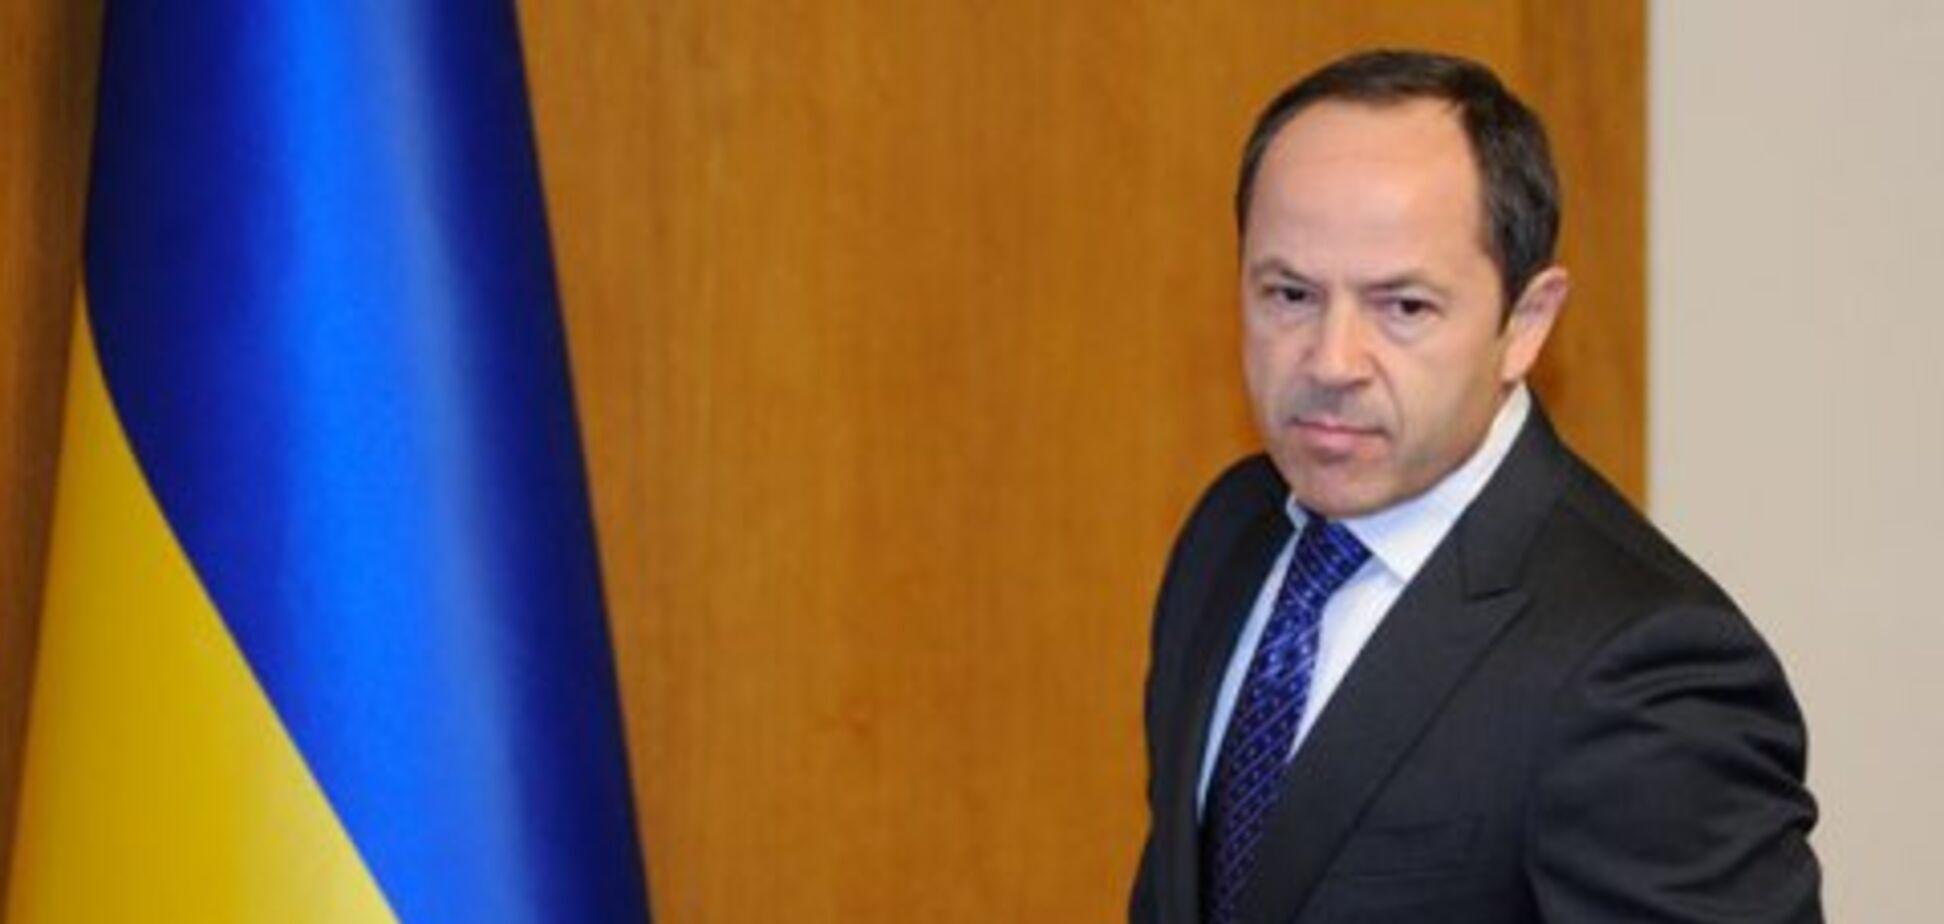 Тигипко станет новым премьер-министром Украины – источник